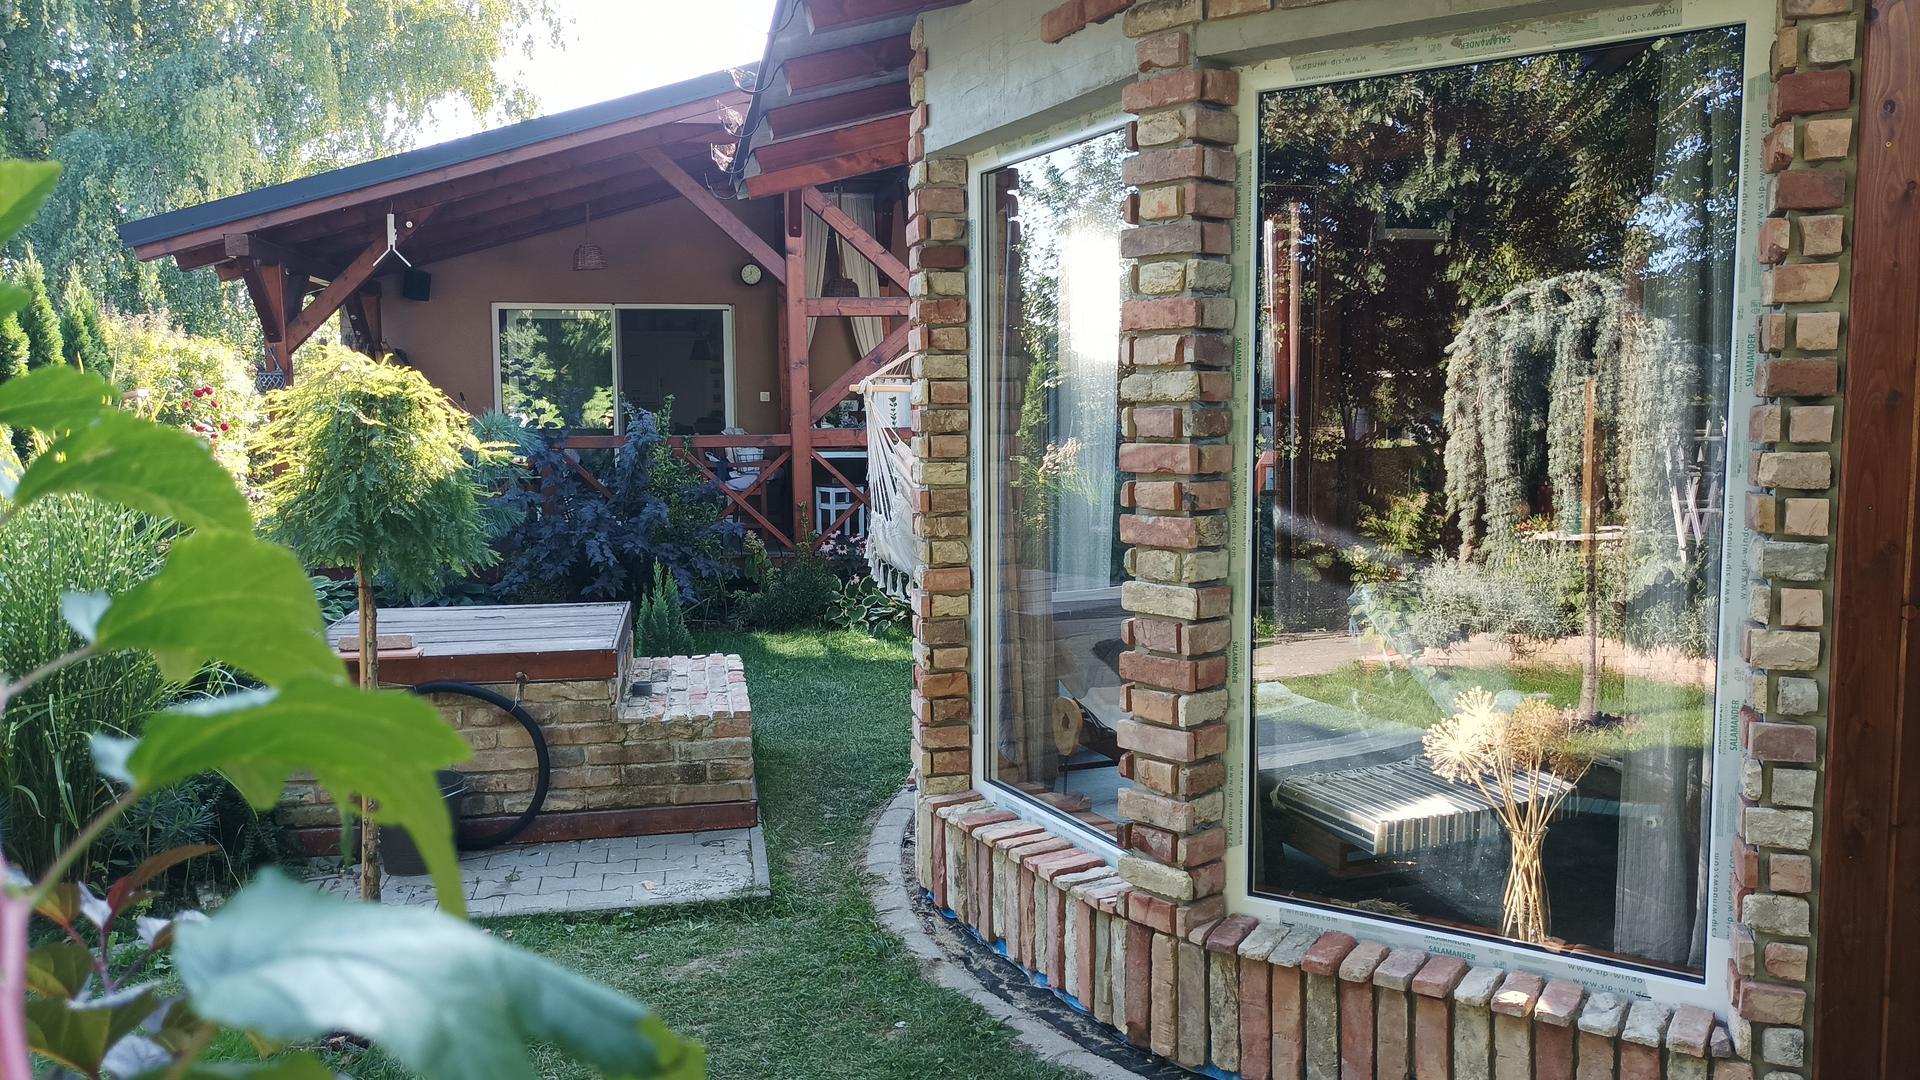 Relaxačný domček sauna a oddychová miestnosť ... plány, príprava a realizácia - Obrázok č. 356